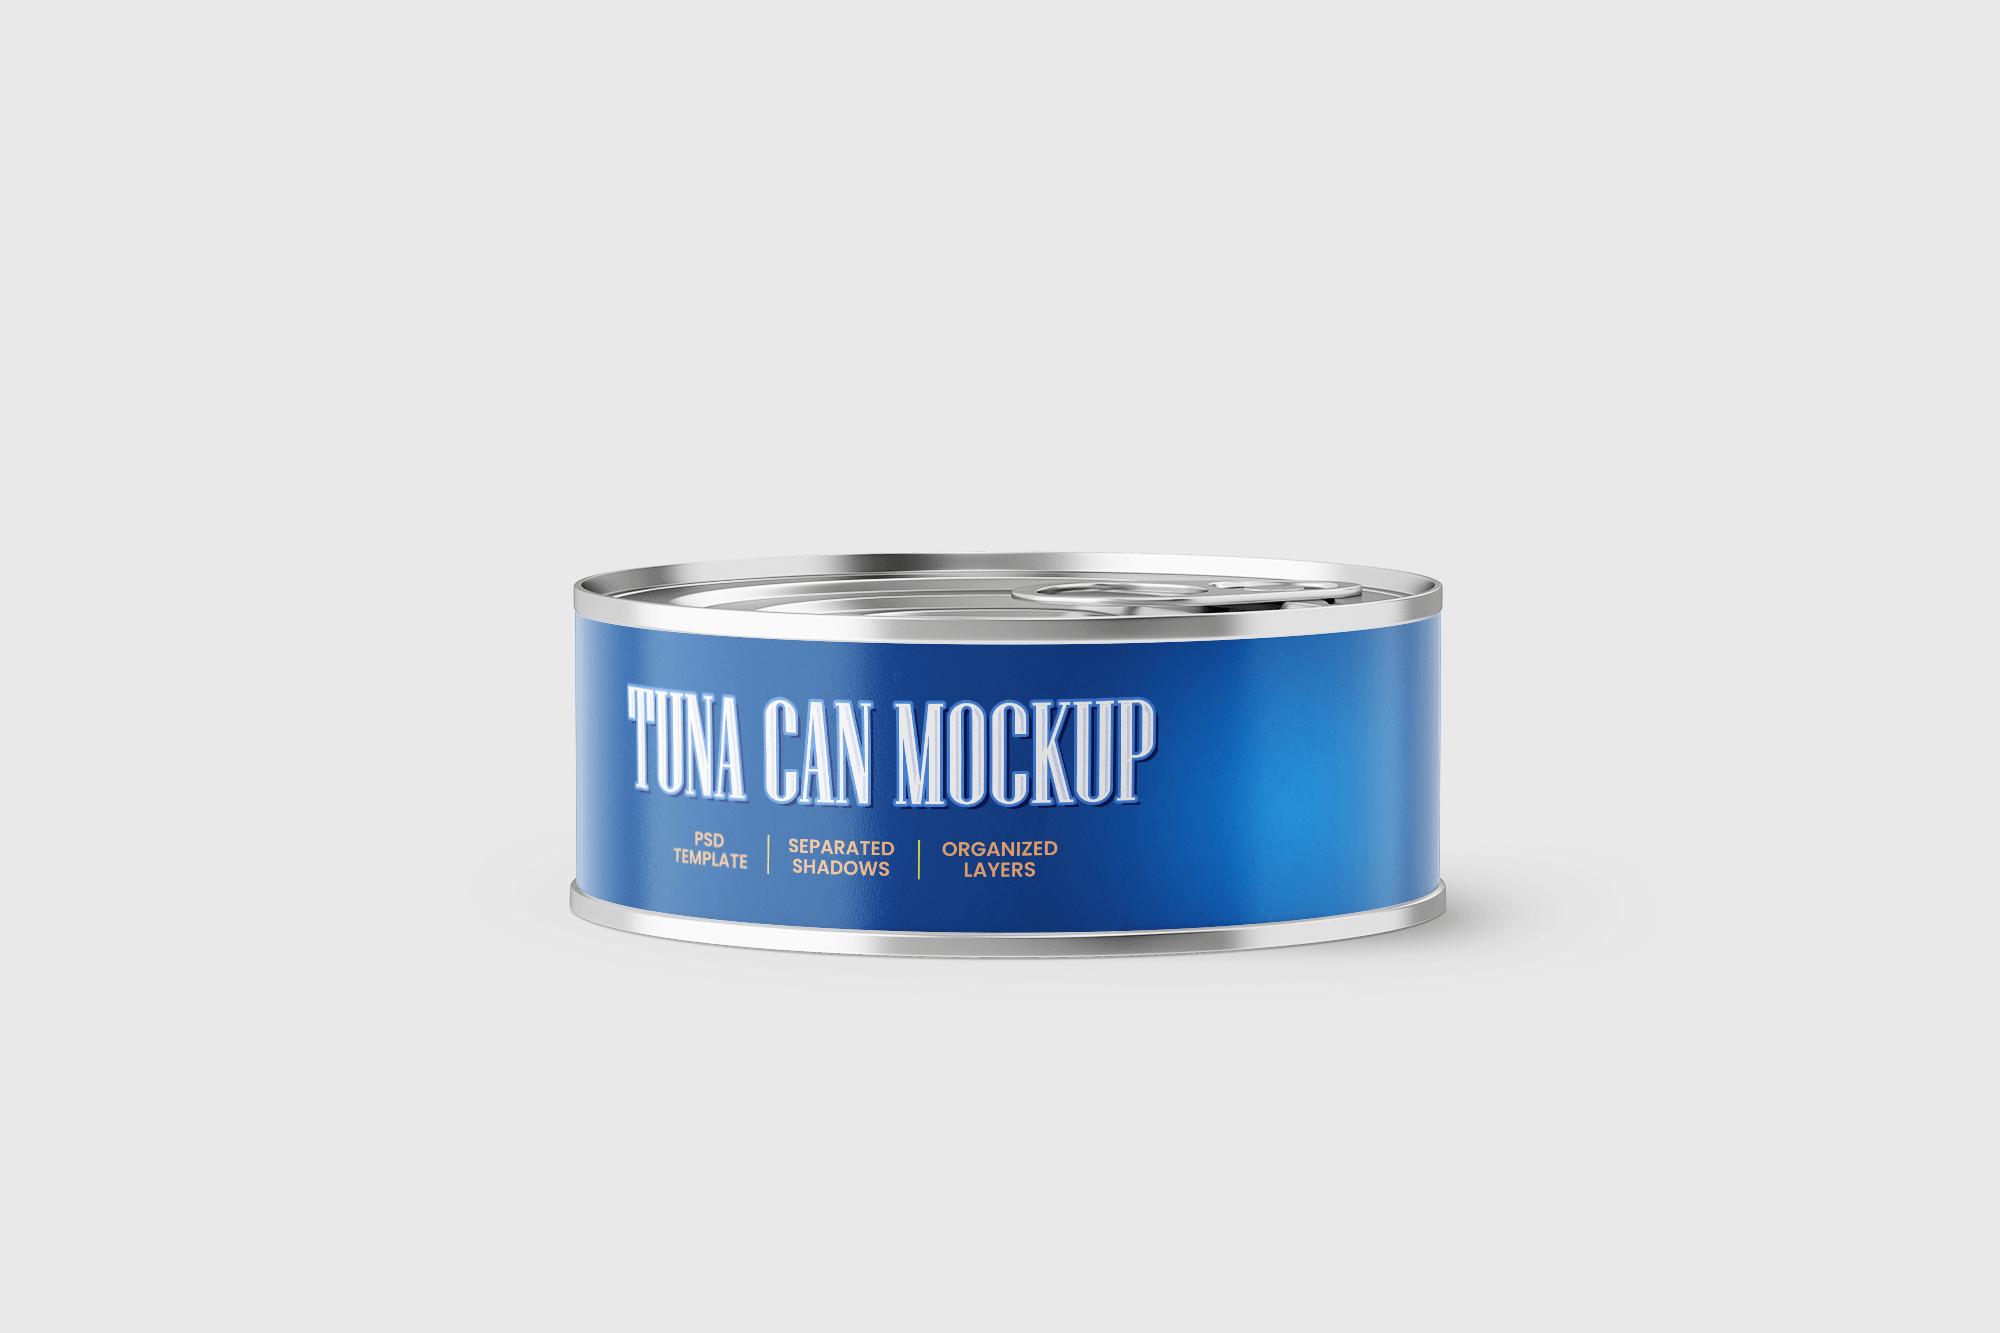 Free Can of Tuna Mockup